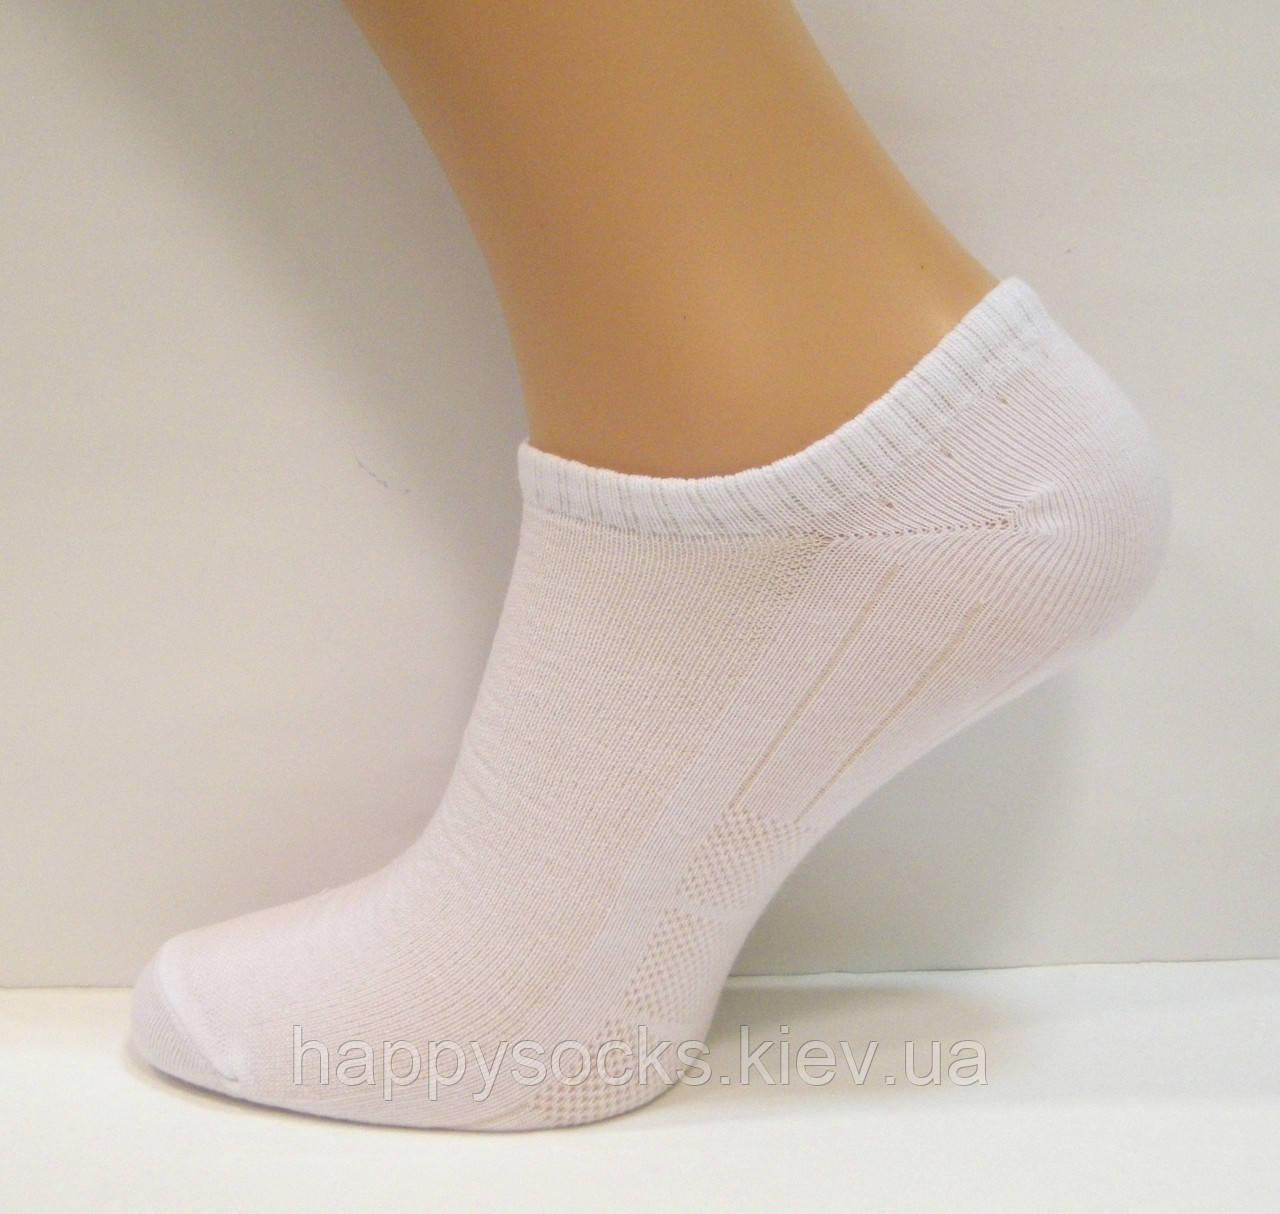 Короткі бавовняні шкарпетки в сітку чоловічі білого кольору